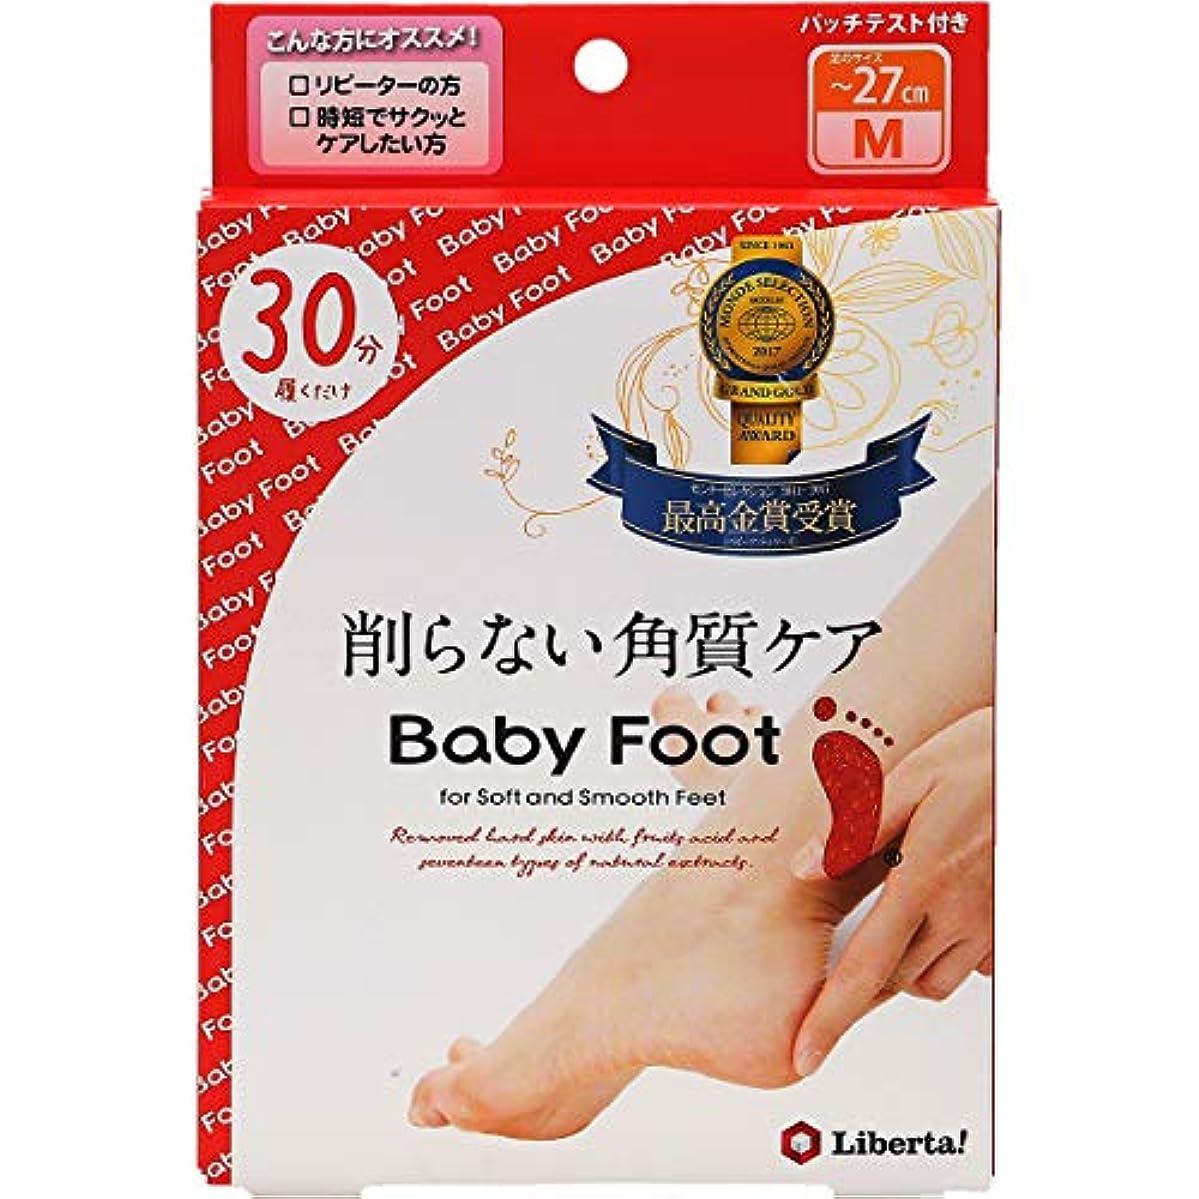 趣味予測子フォアタイプベビーフット (Baby Foot) ベビーフット イージーパック30分タイプ Mサイズ 単品